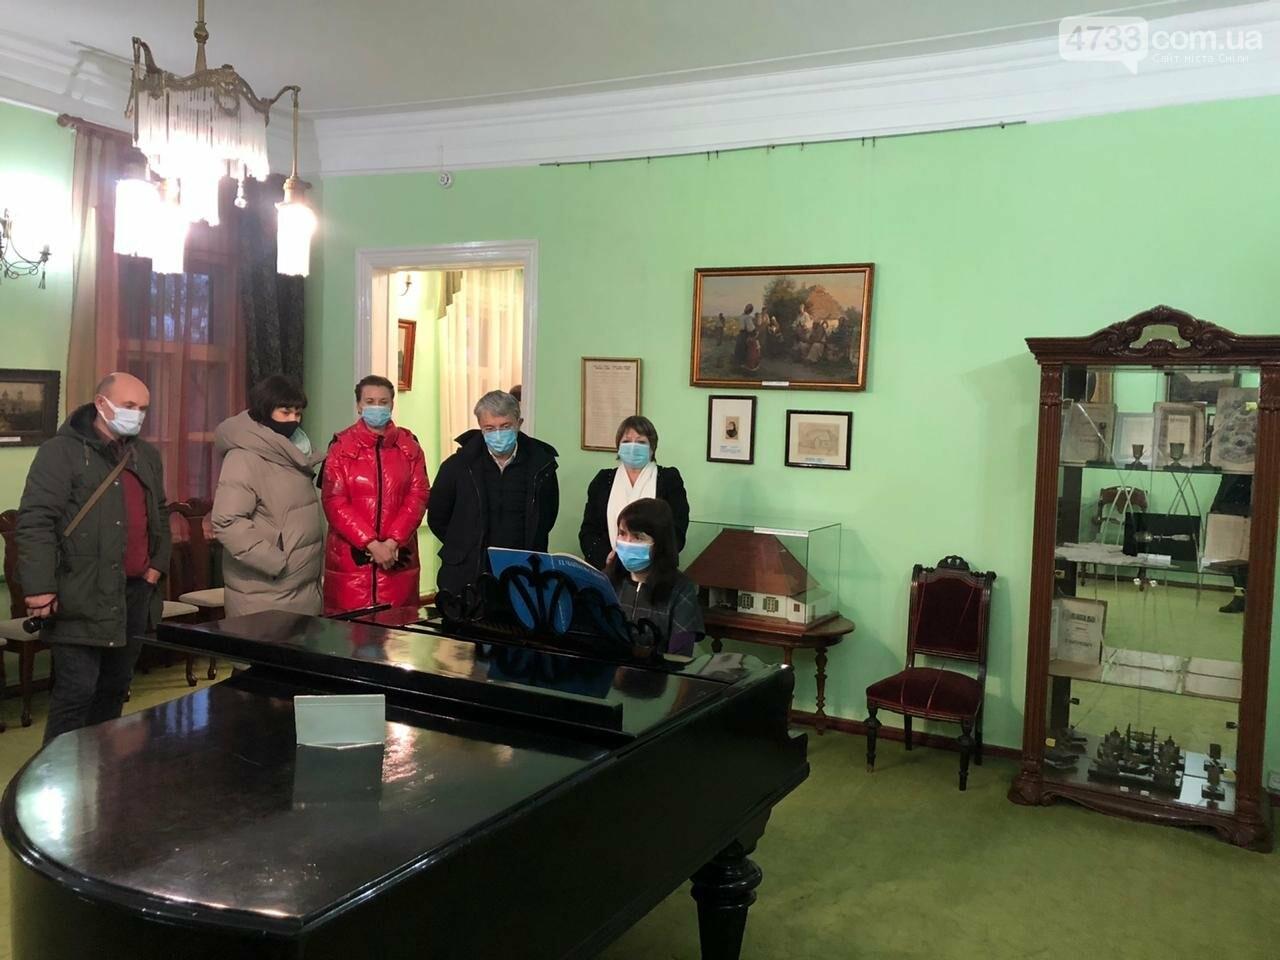 Міністр культури: «Черкащина ідеальна для туризму», фото-4, Черкаська ОДА